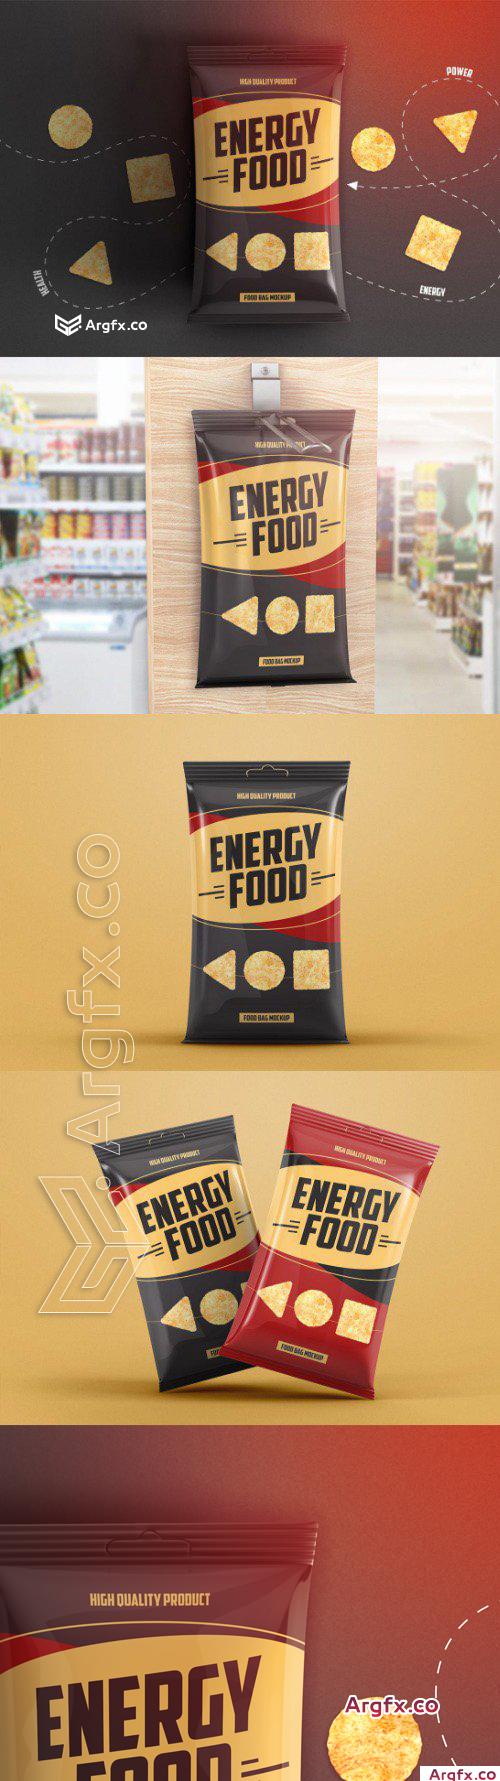 Food Bag Product Mockup